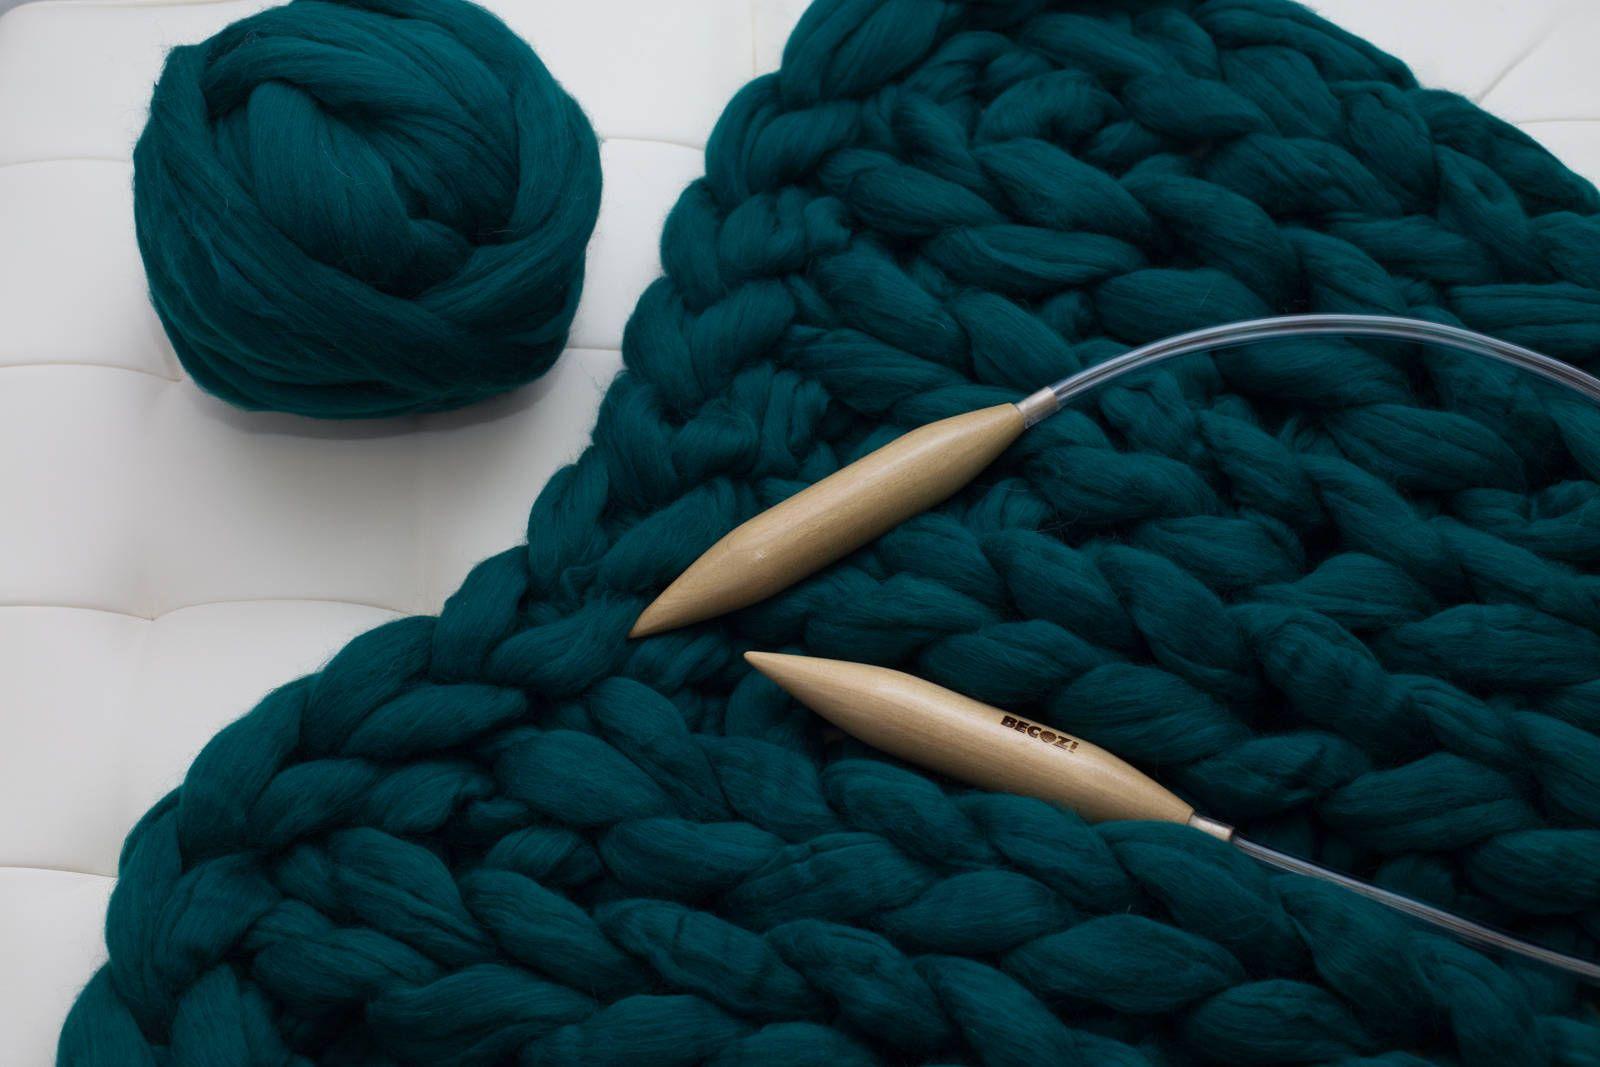 DIY KNIT Kit,30x50, Giant Knitting Needles & Merino Wool